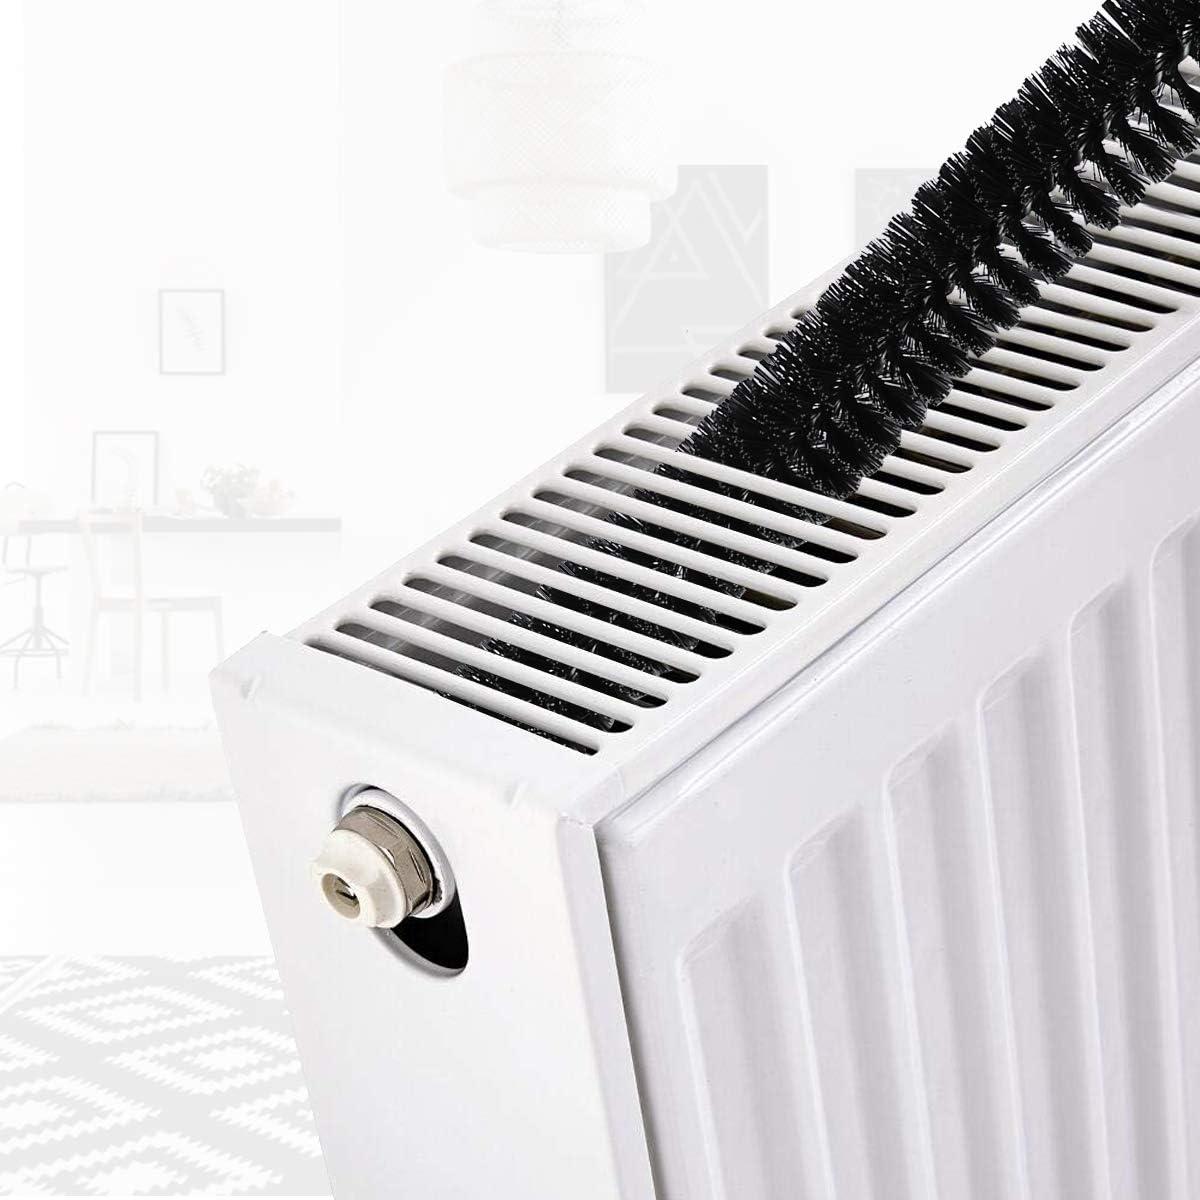 Cepillo del radiador, AIEVE Cepillo de limpieza del radiador largo ...